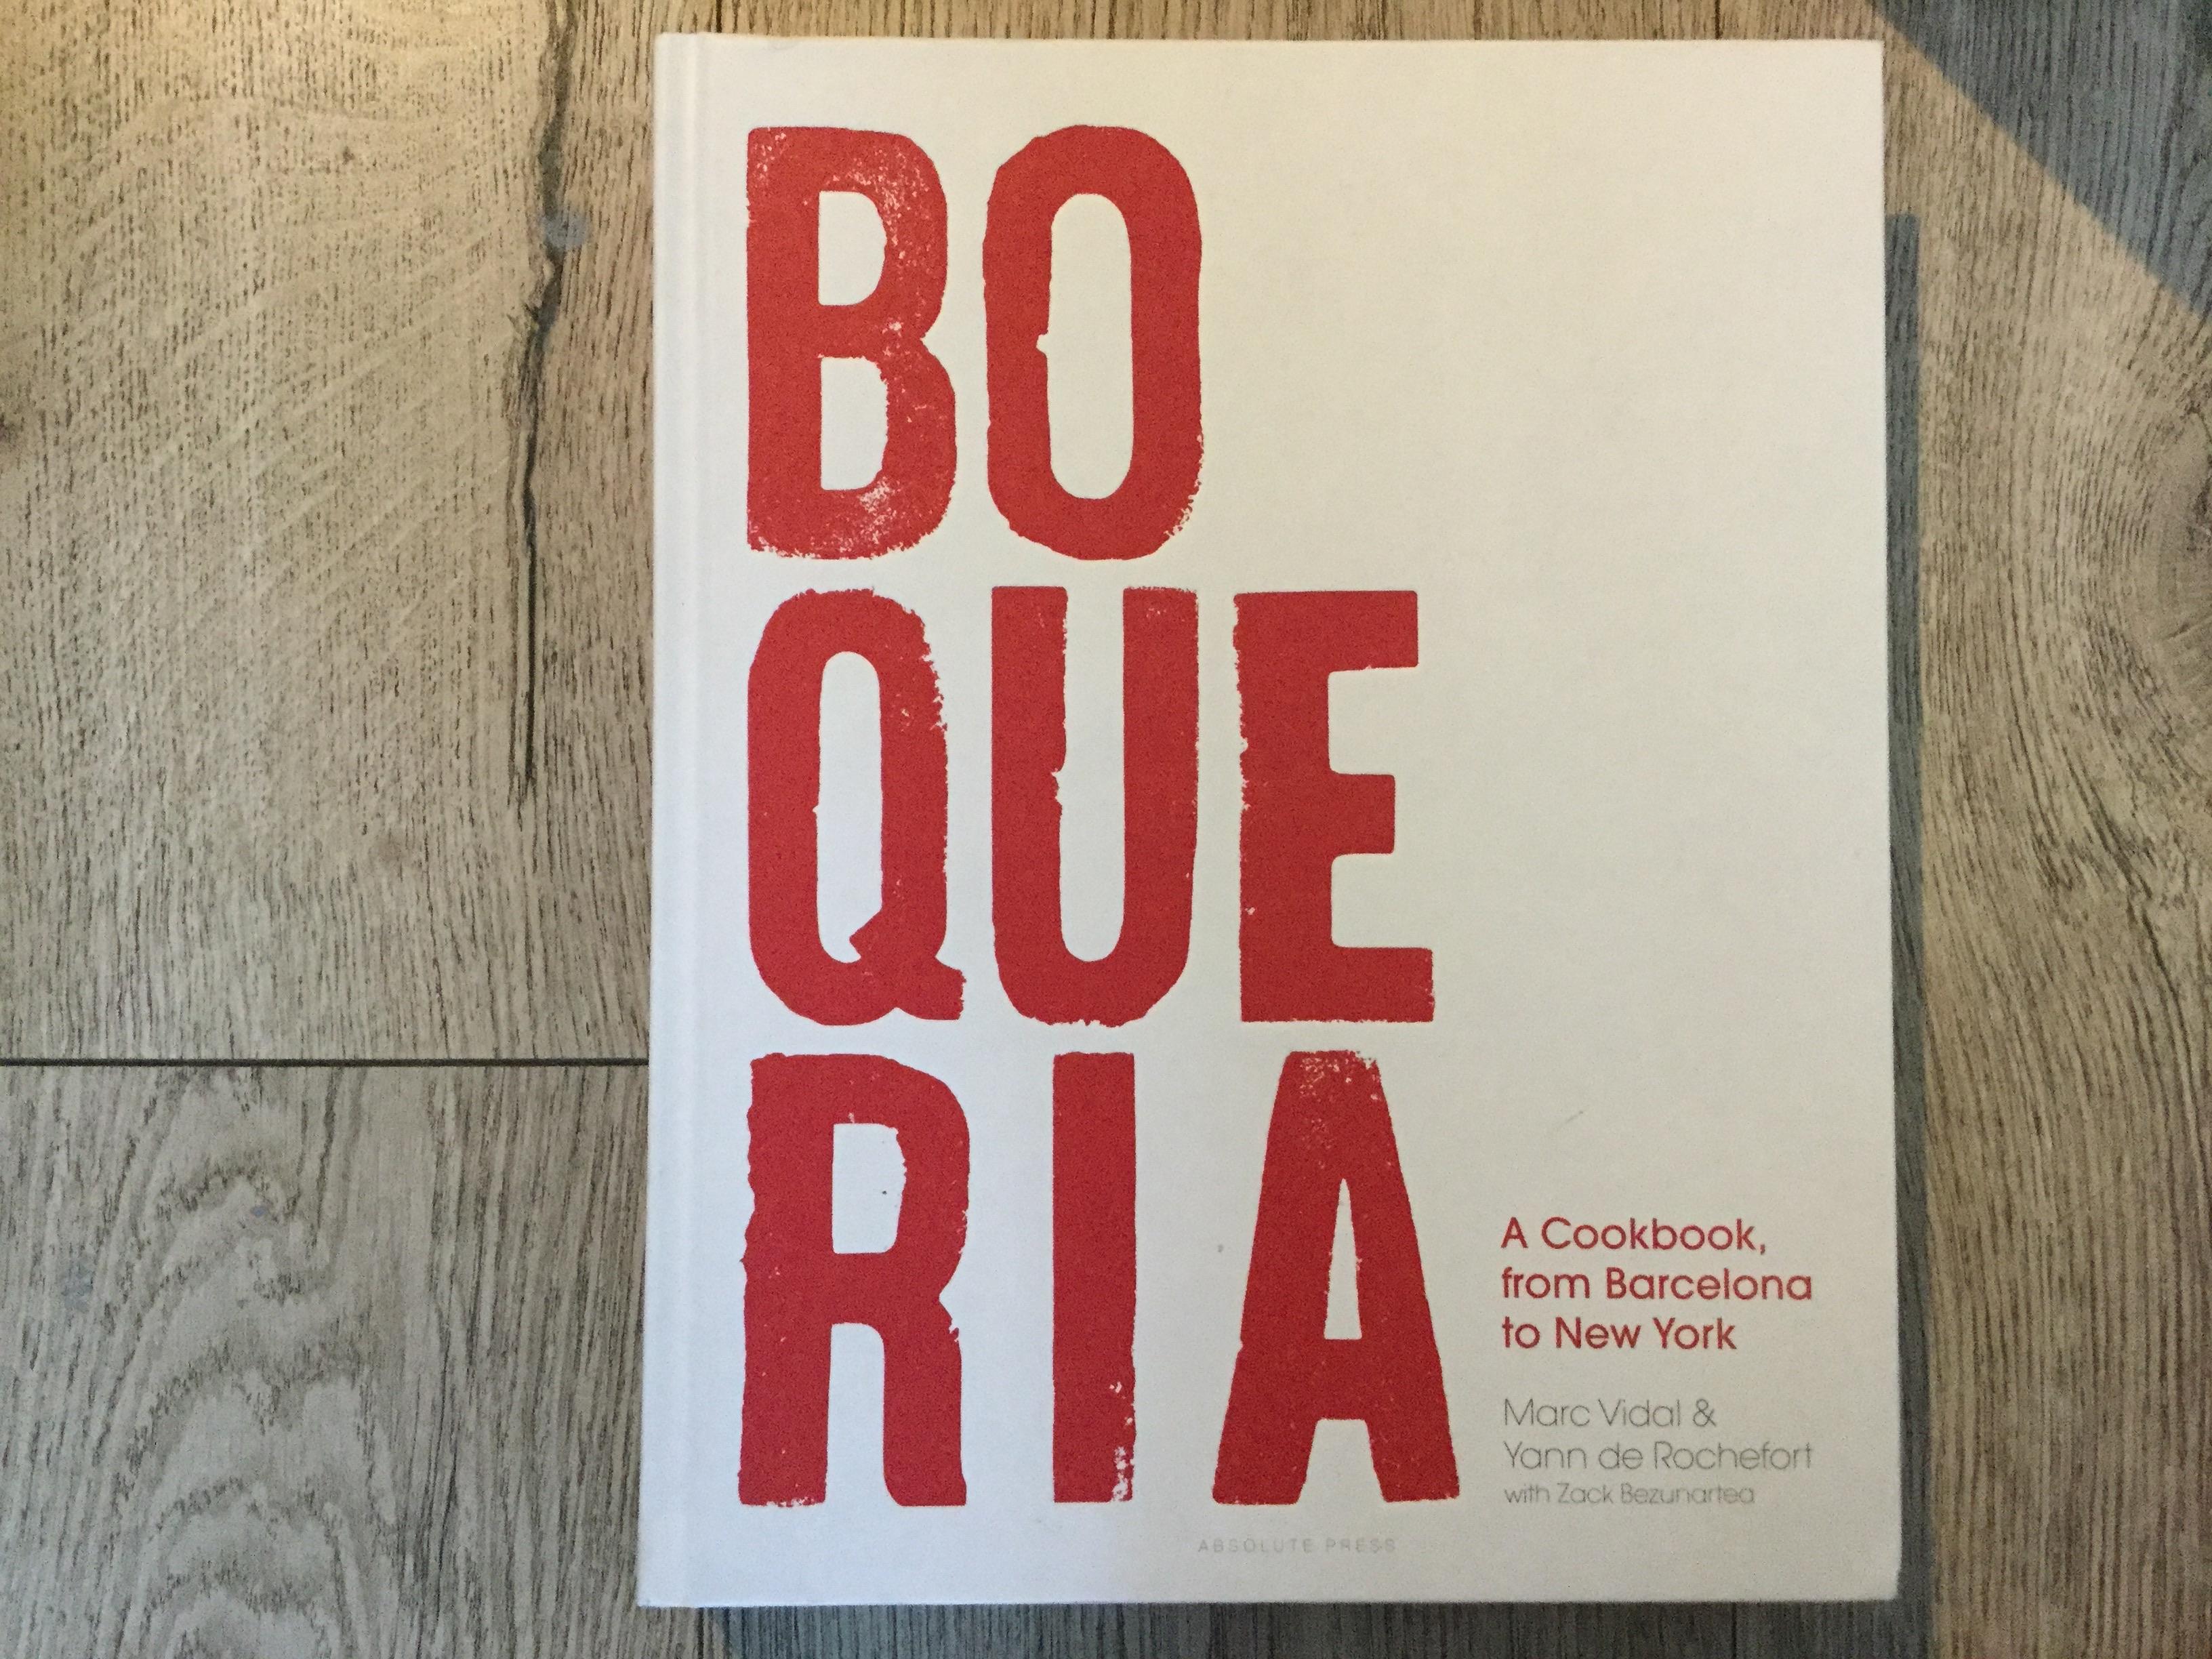 Boqueria book